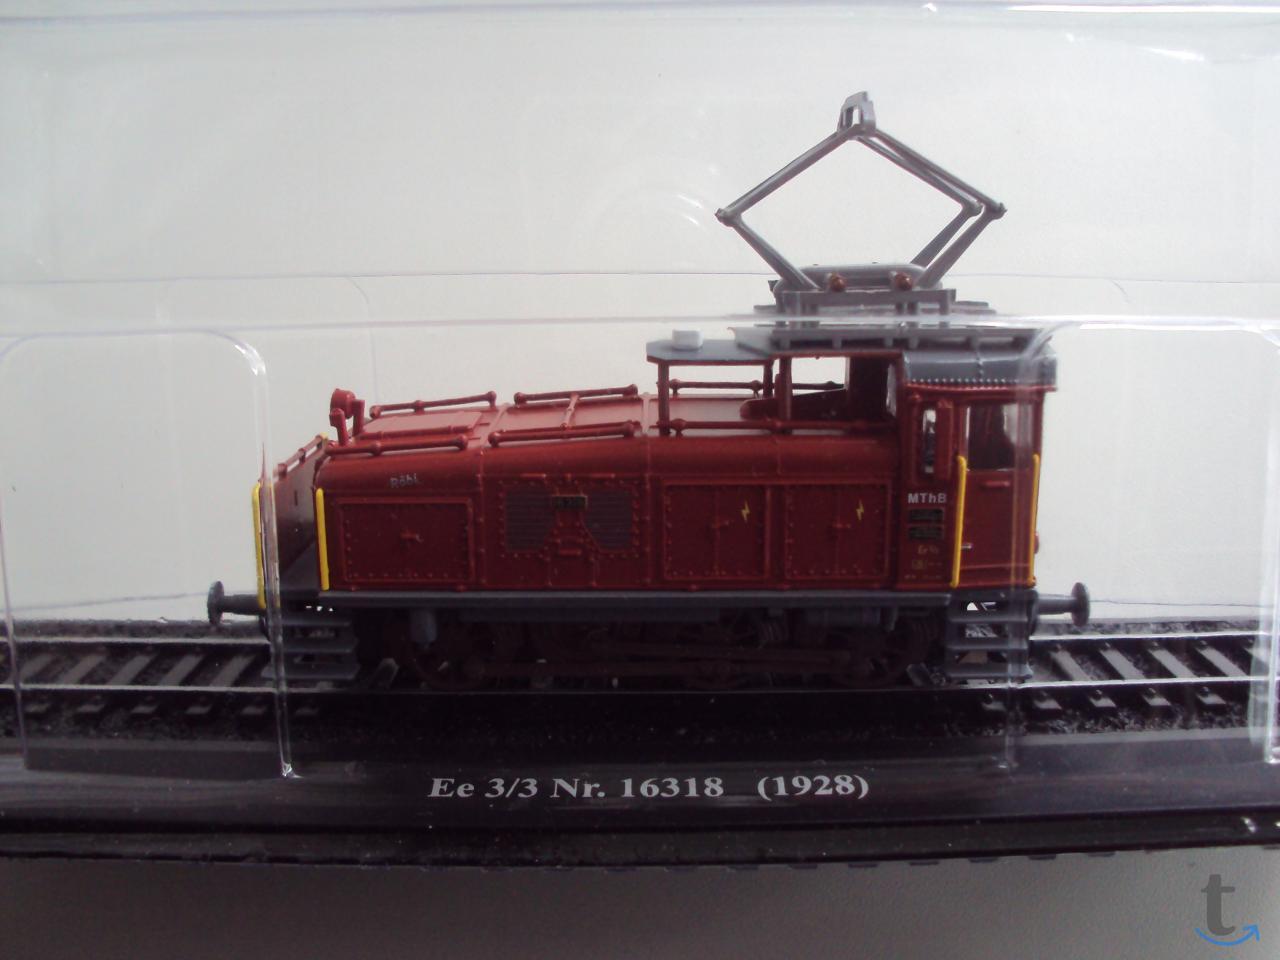 Локомотив Nr.16318 (1928)